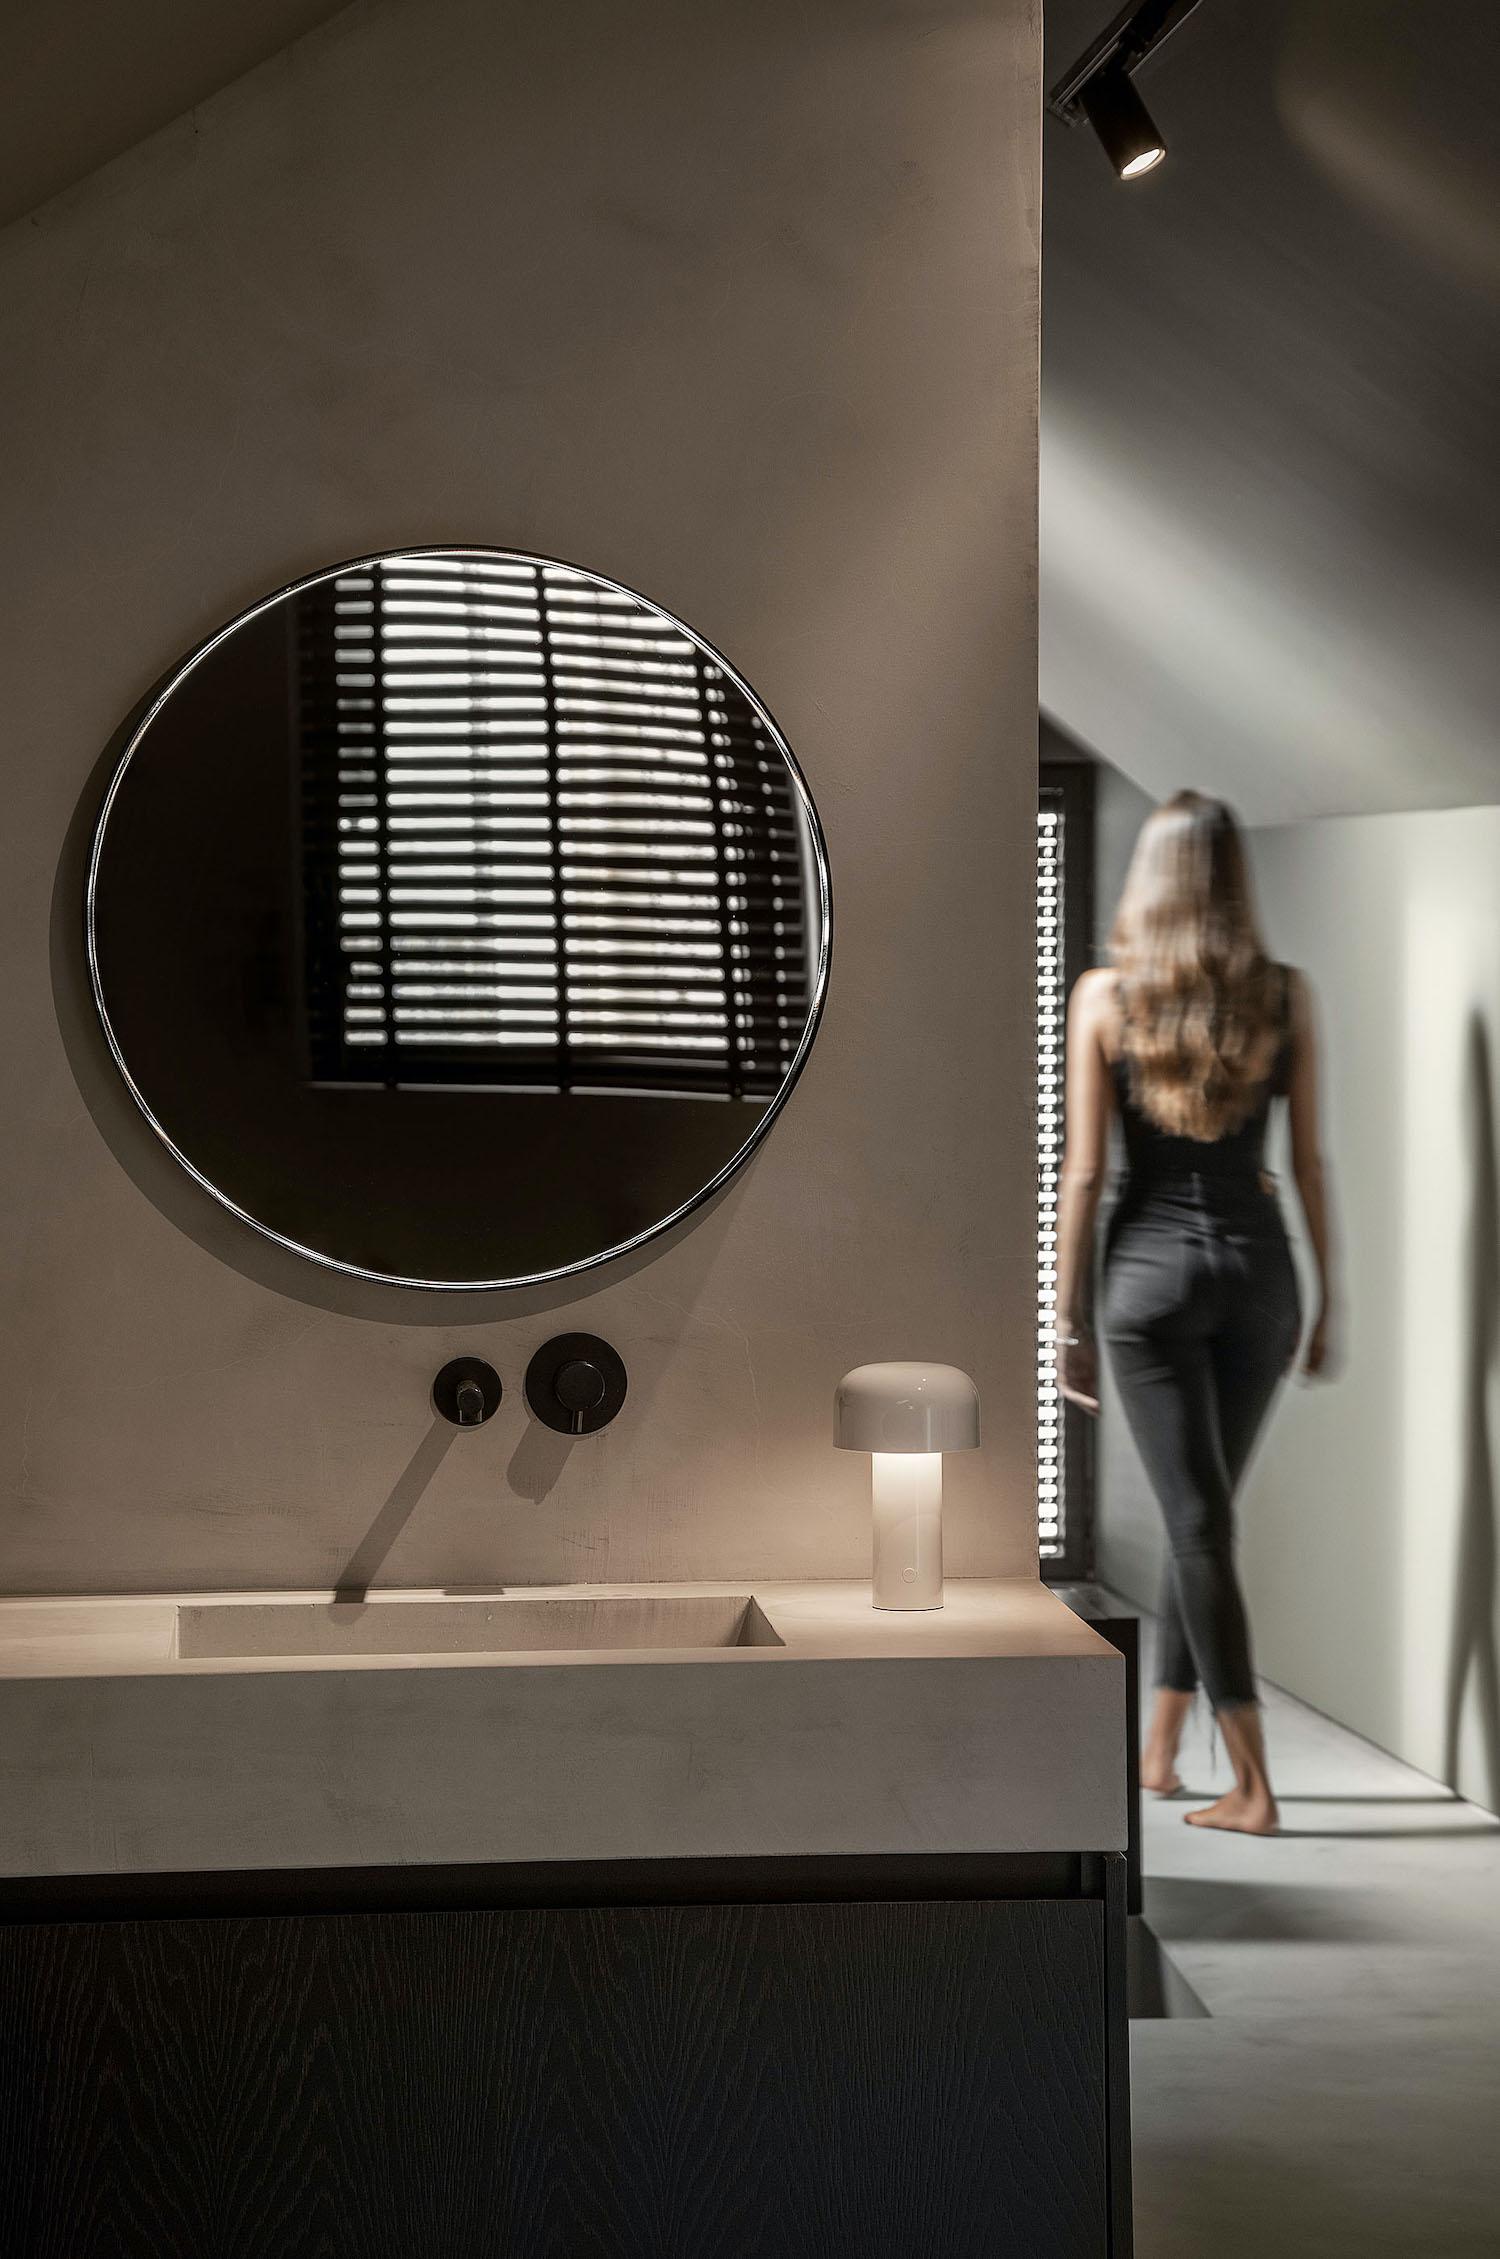 mirror and washing basin